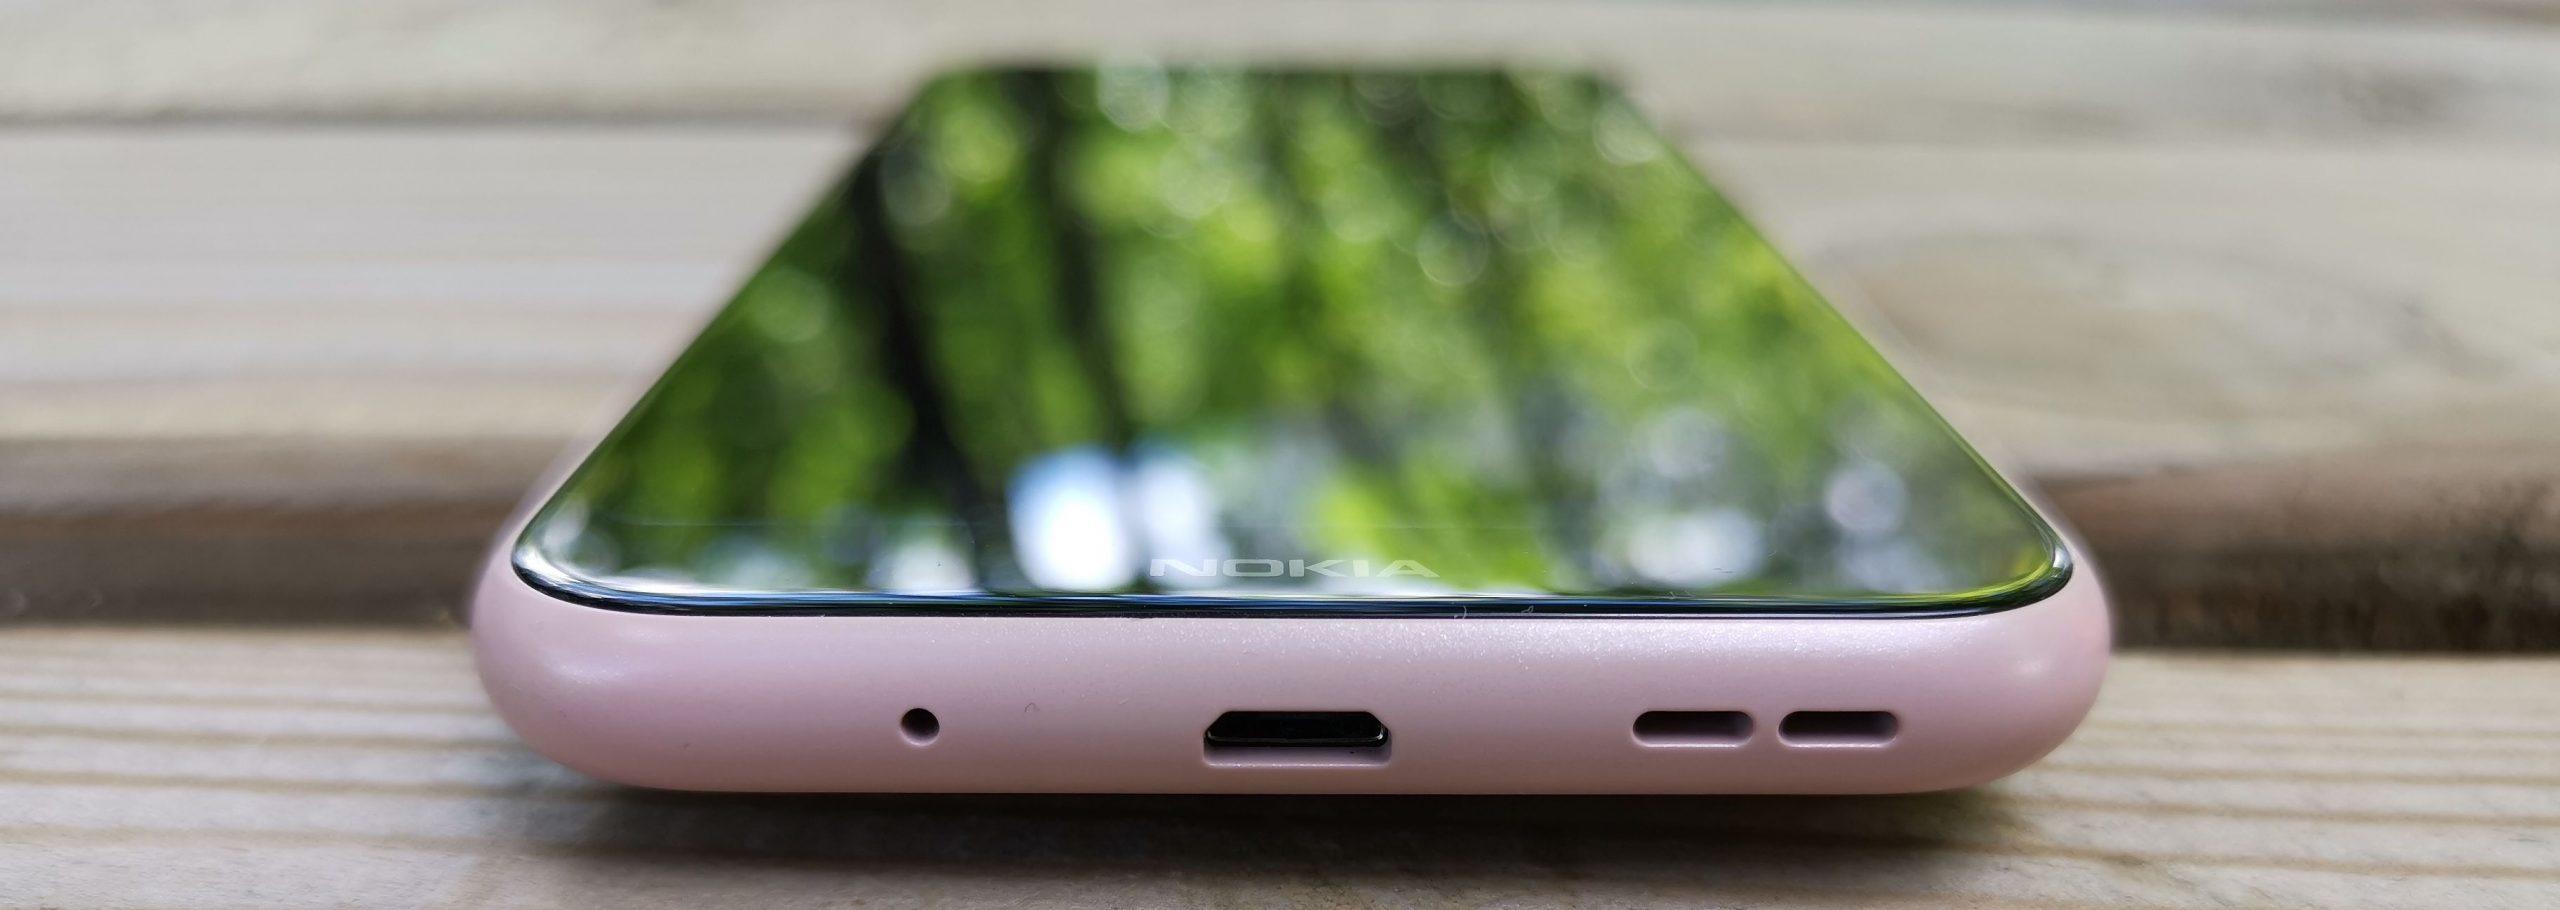 Nokia 4.2:n pohjassa on Micro-USB-liitännän ohella mikforoni- ja kaiutinaukot. 3,5 millimetrin kuulokeliitäntä löytyy puhelimen yläpäästä.